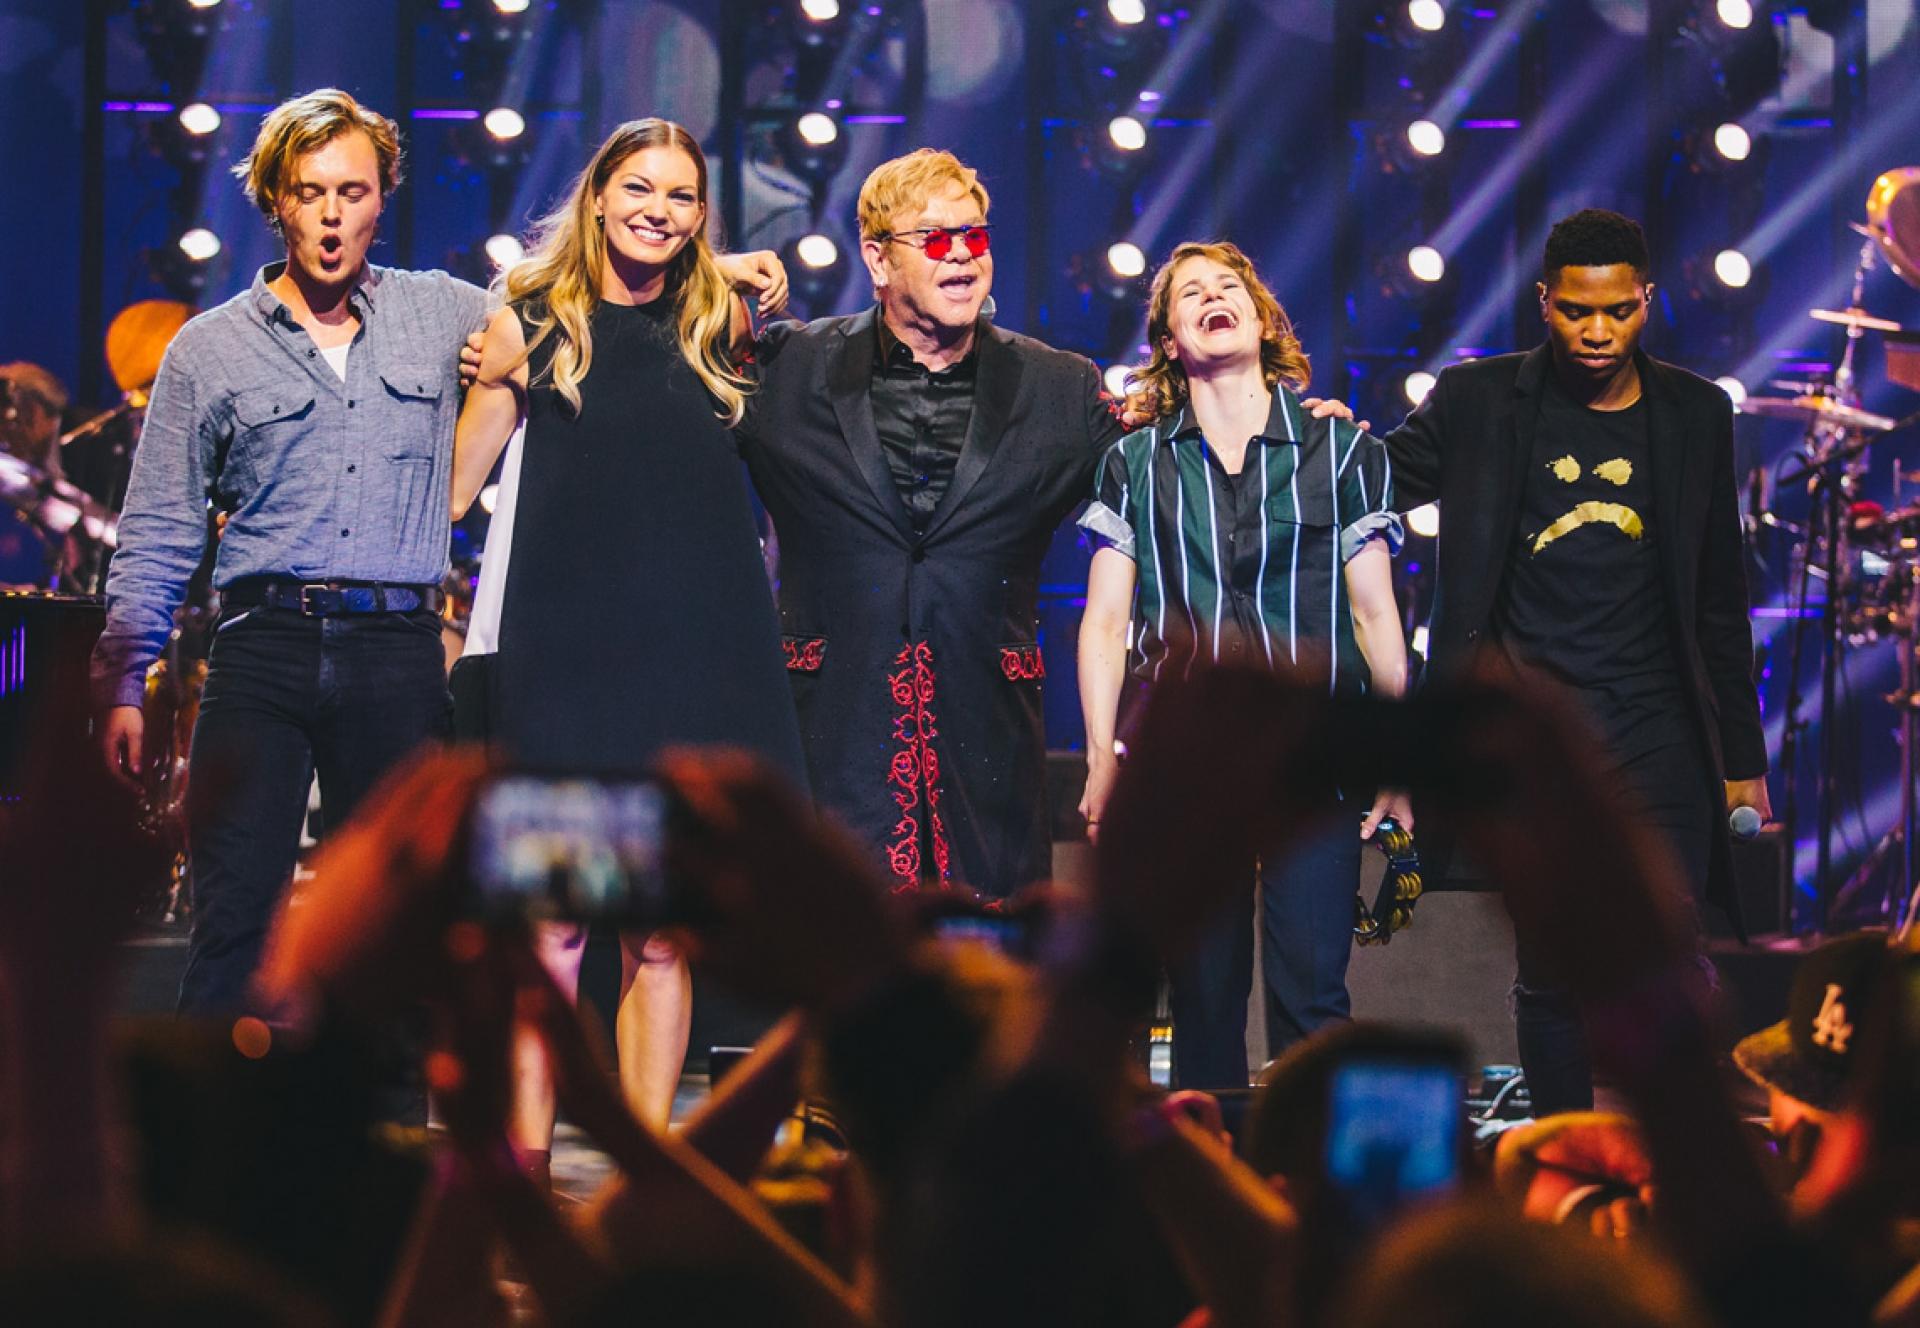 Pubblicate alcune foto del Apple Music Festival 10